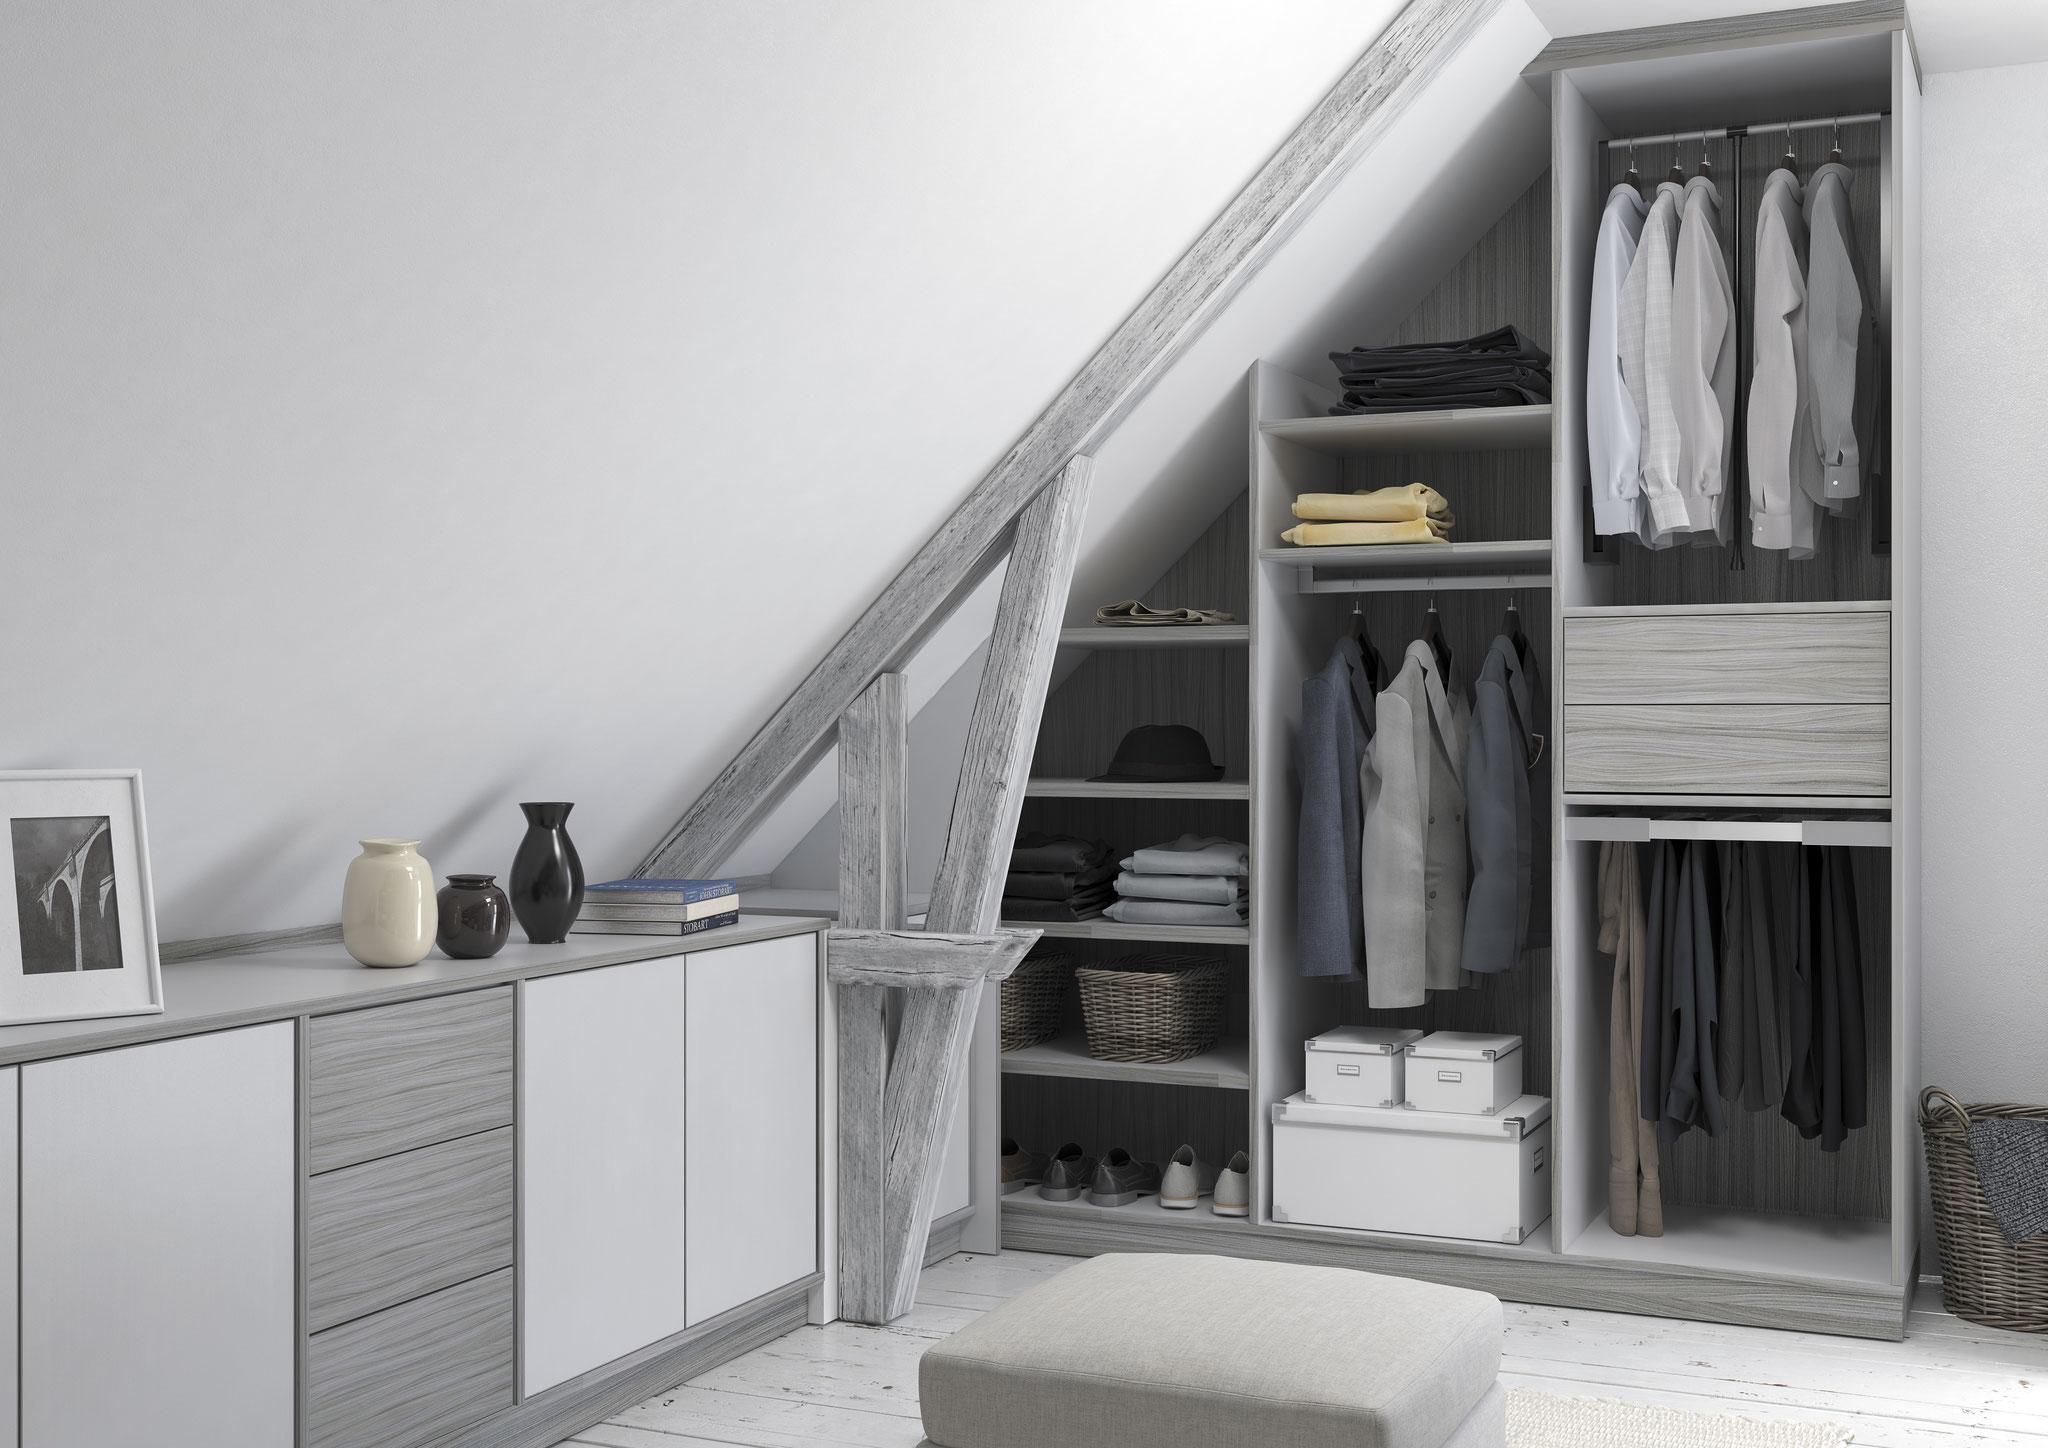 Dressing Pièce Sous Pente agencement chc - rangement - dressing - placard - mobilier